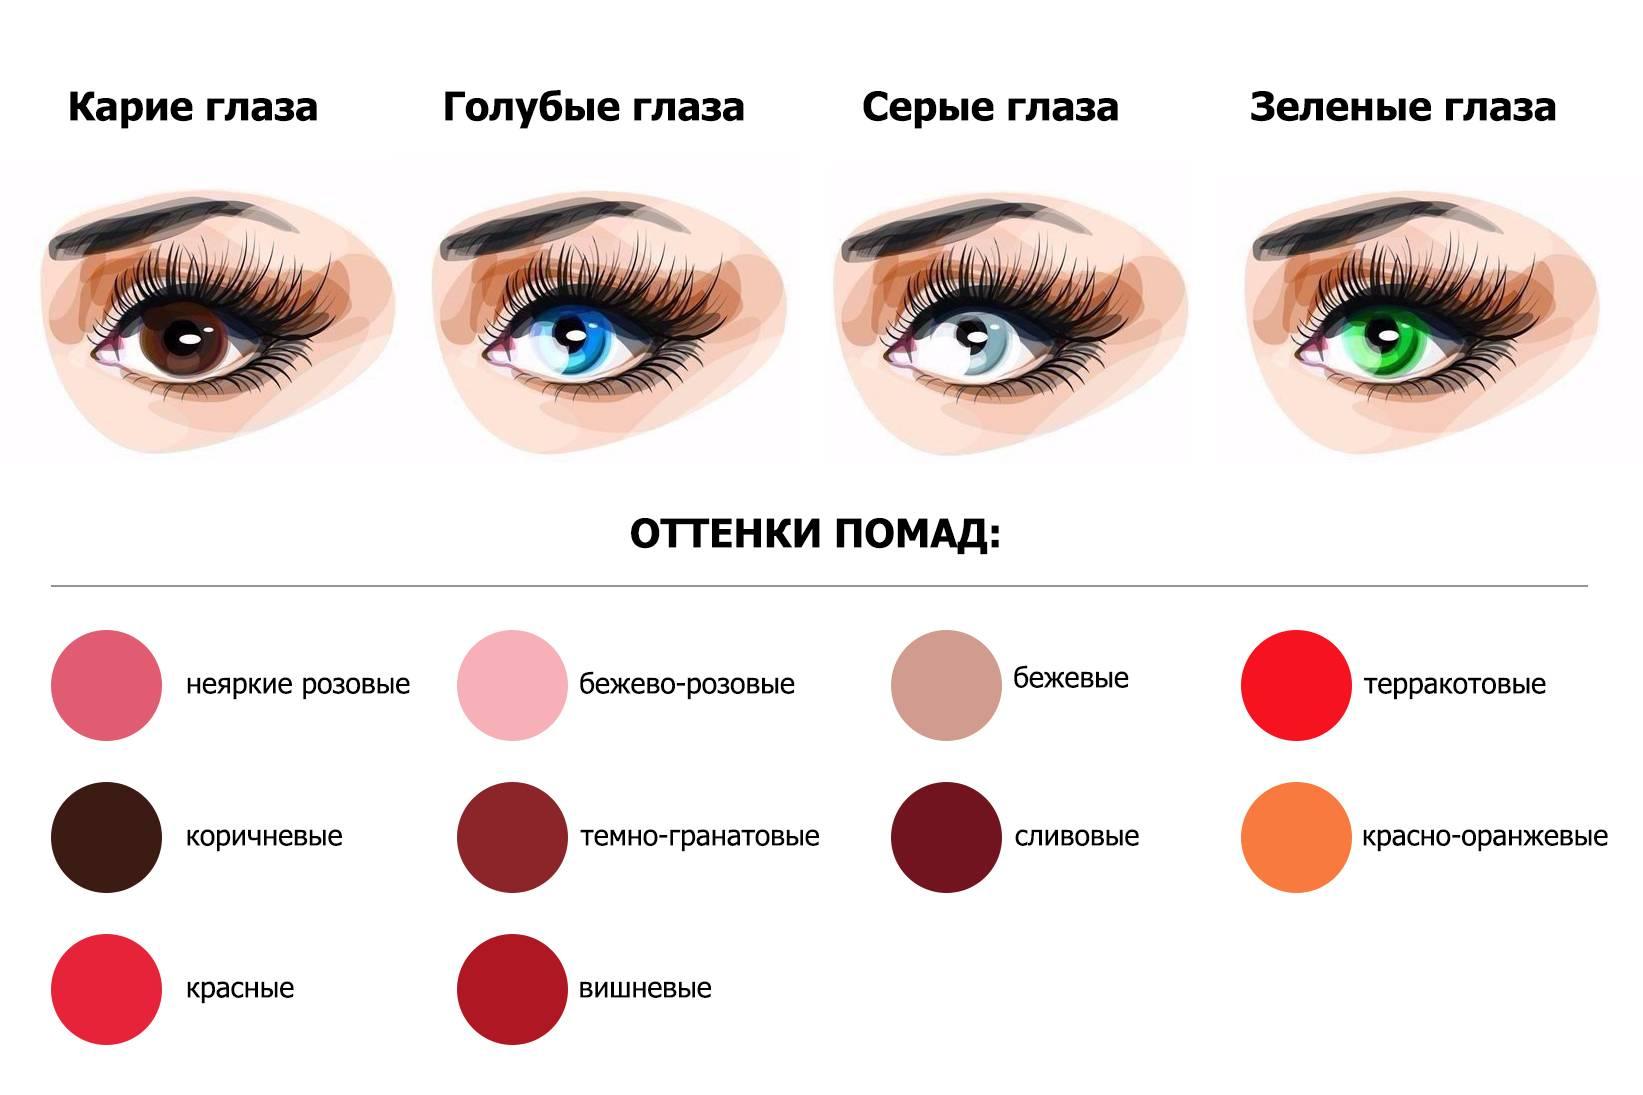 Помада для серых глаз. как подобрать цвет губной помады